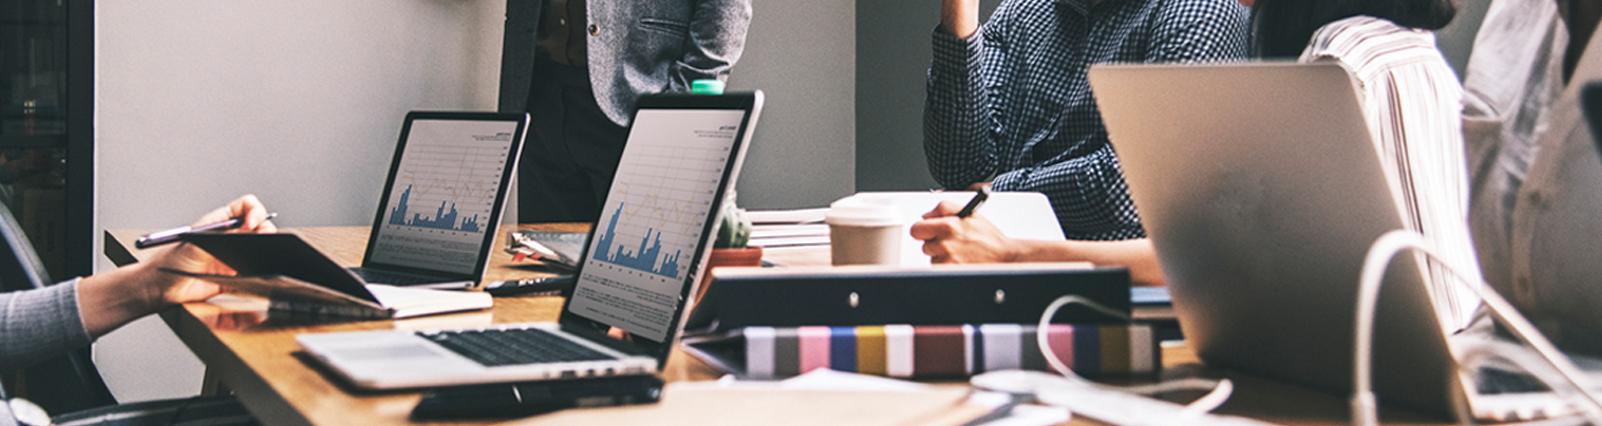 Como o compliance e a LGPD podem ser um diferencial na gestão das organizações?